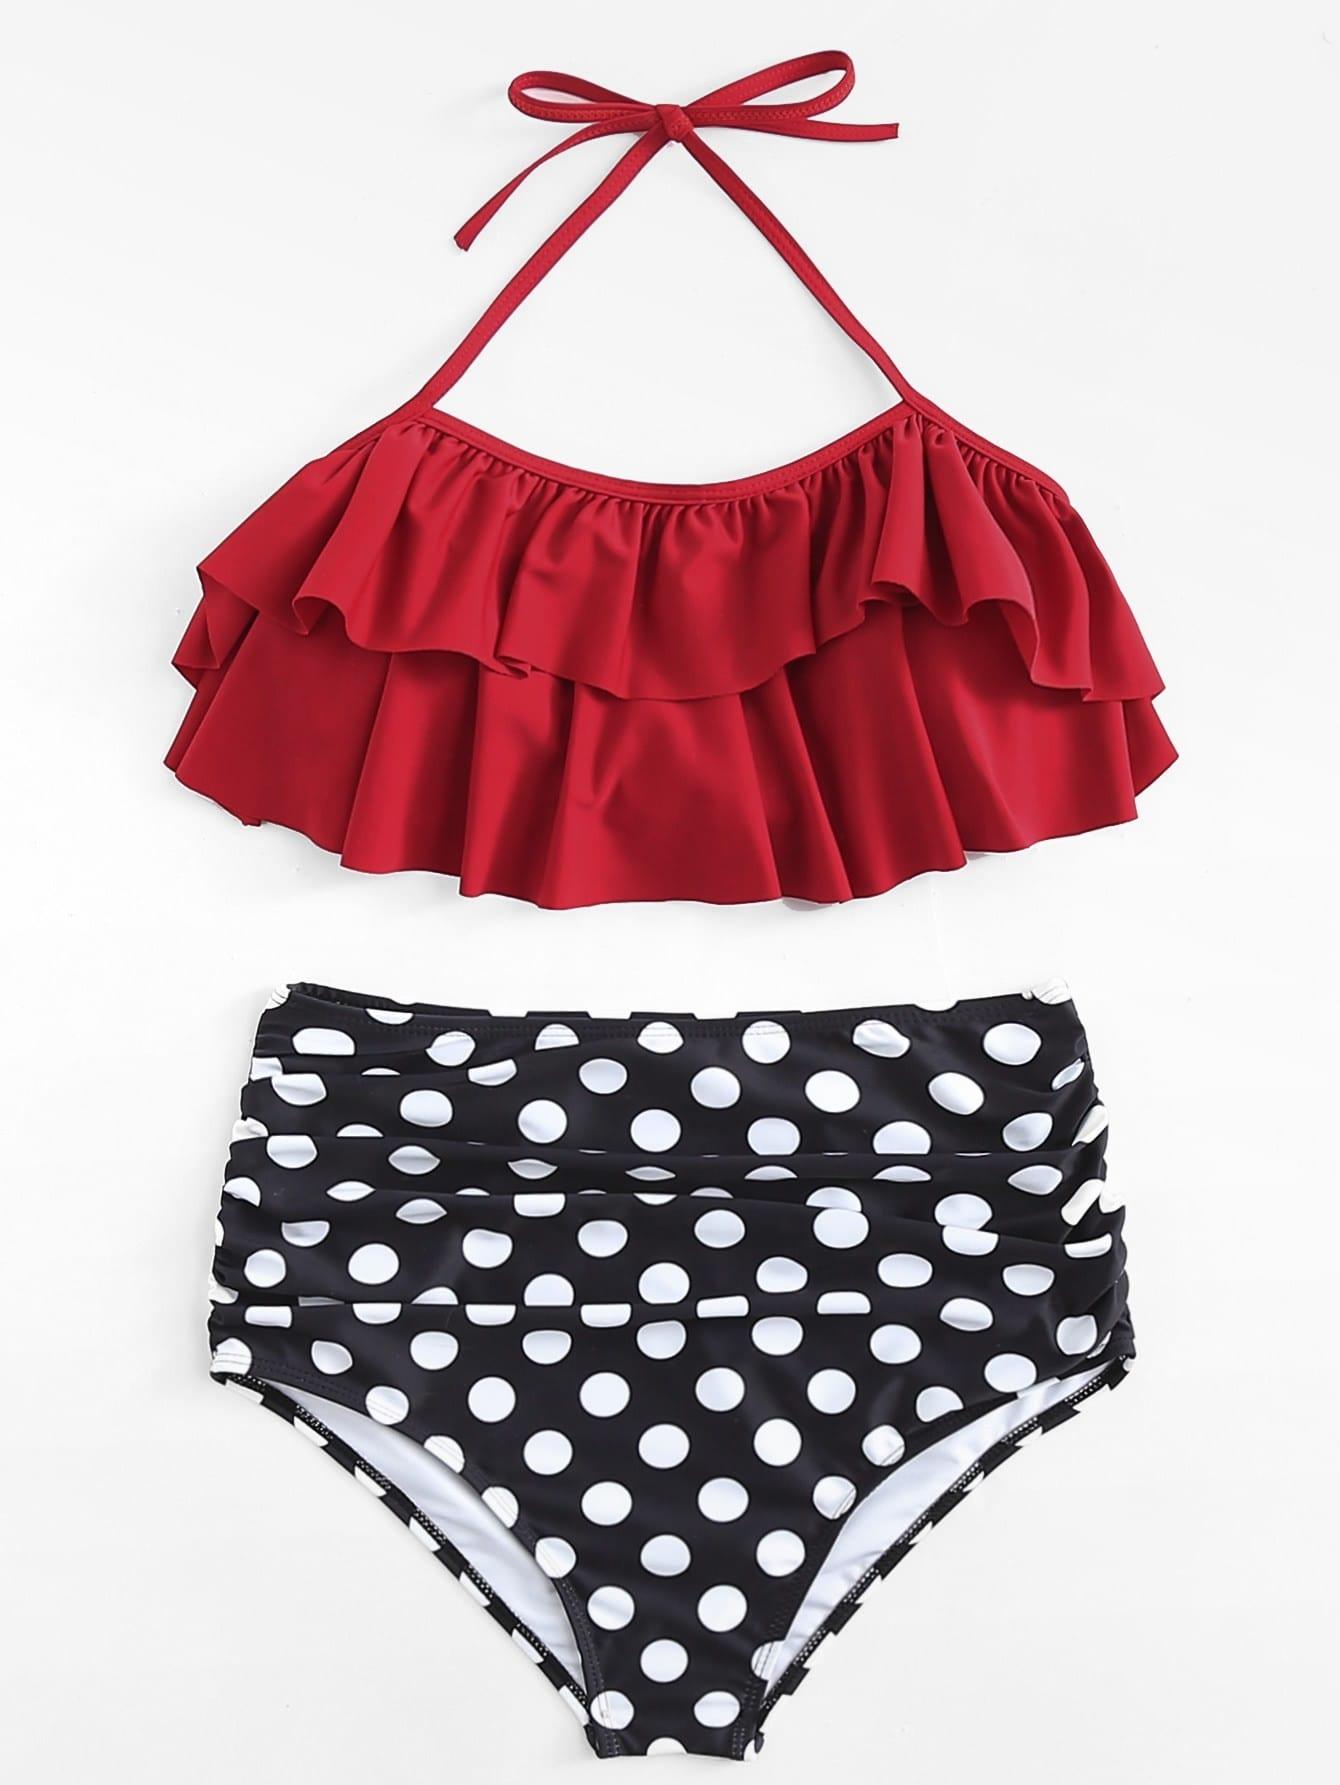 Polka Dot Ruffle Bikini Set polka dot bikini set